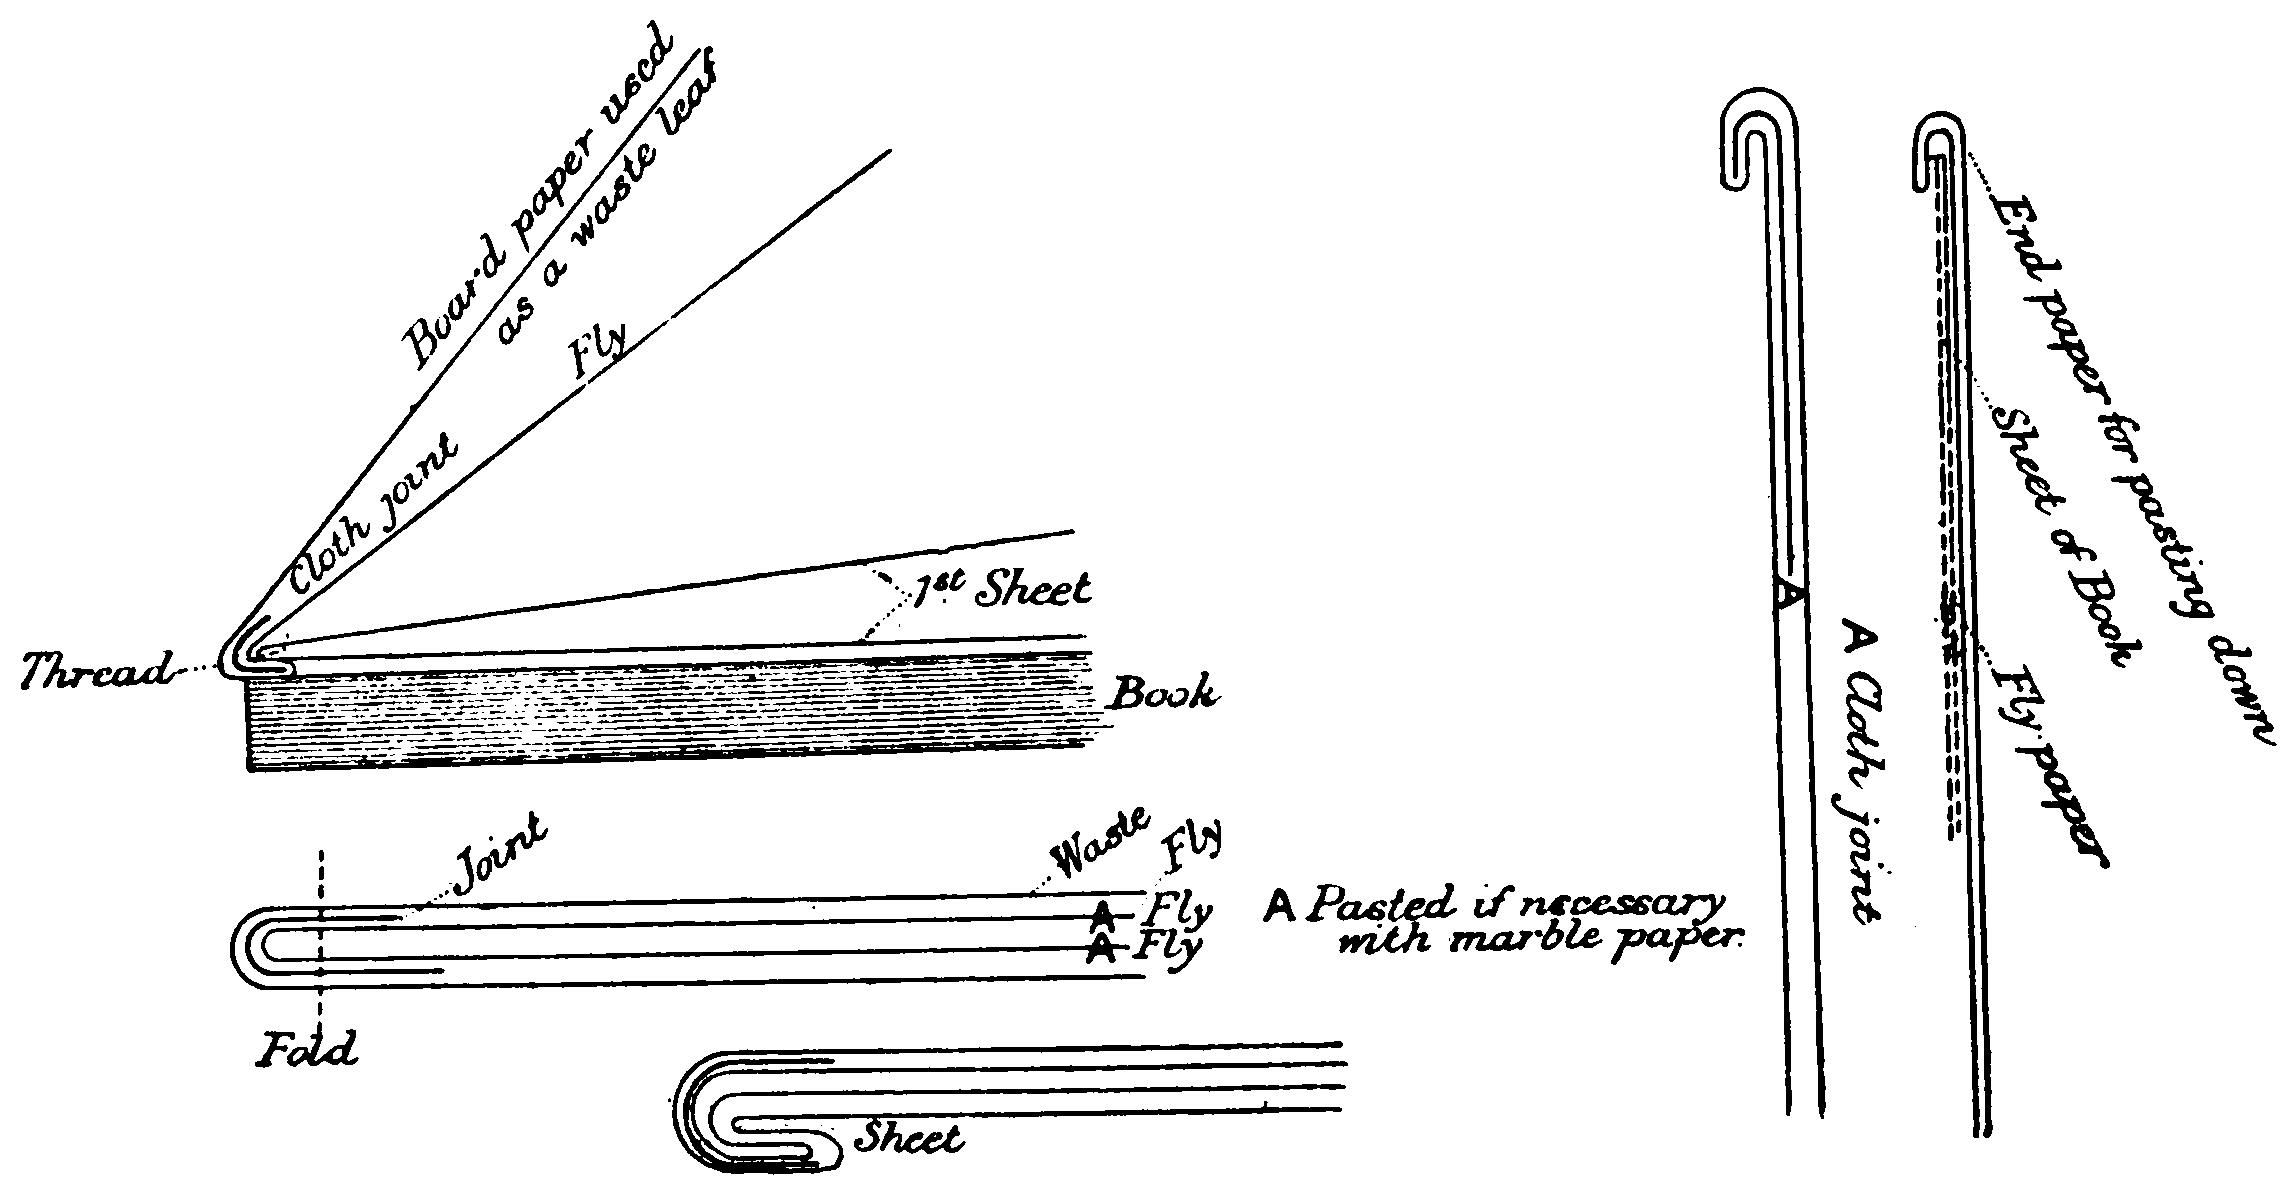 ebook Géométrie [Lecture notes] 2015